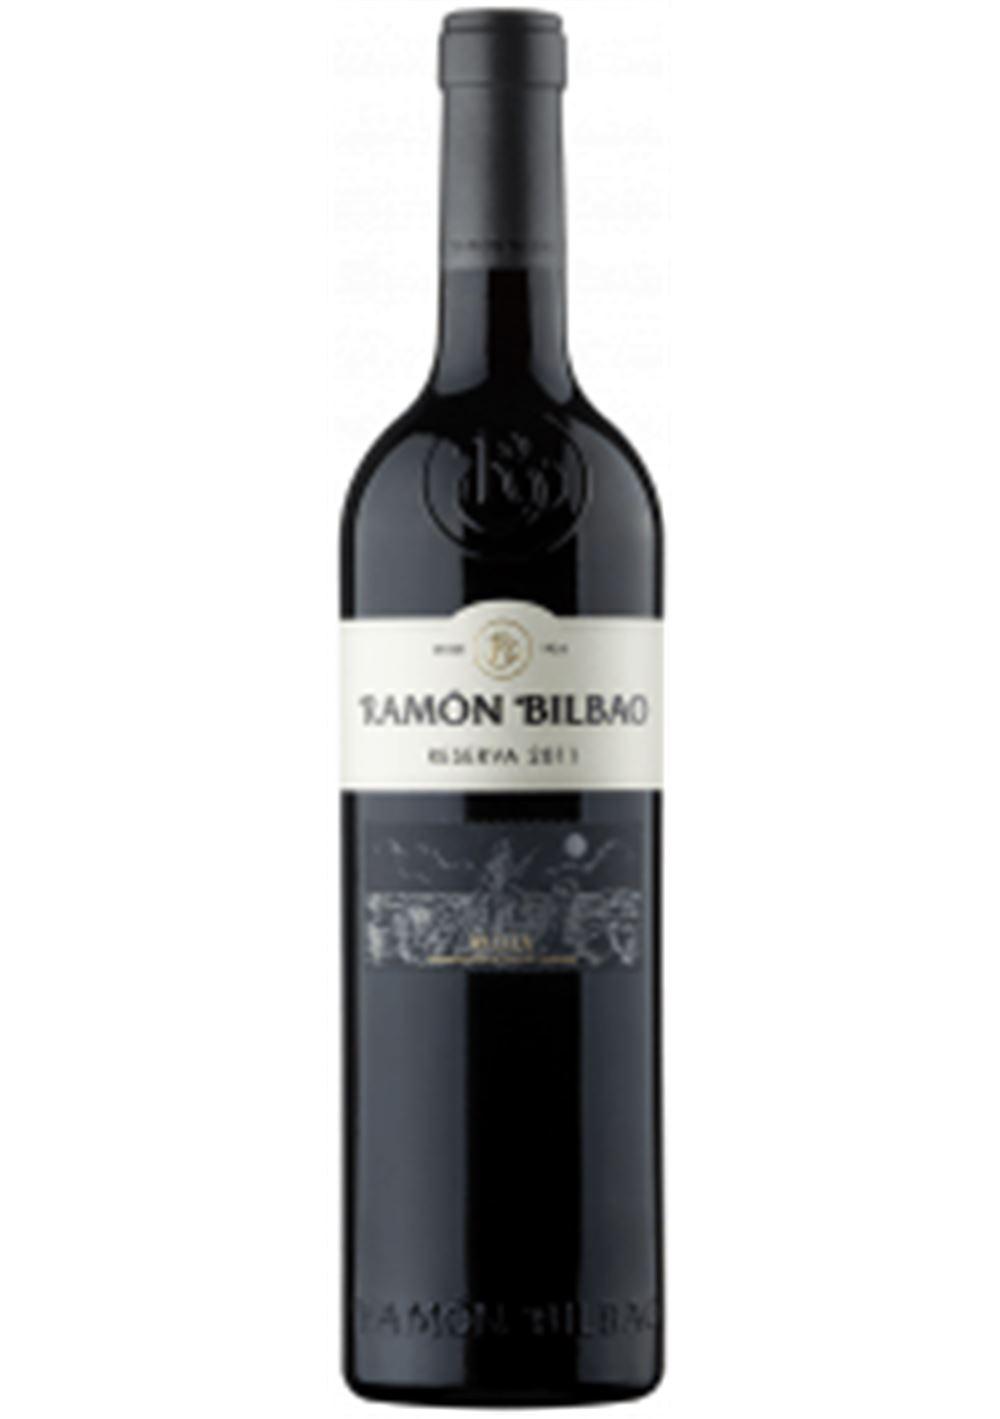 RAMON-BILBAO-RESERVA